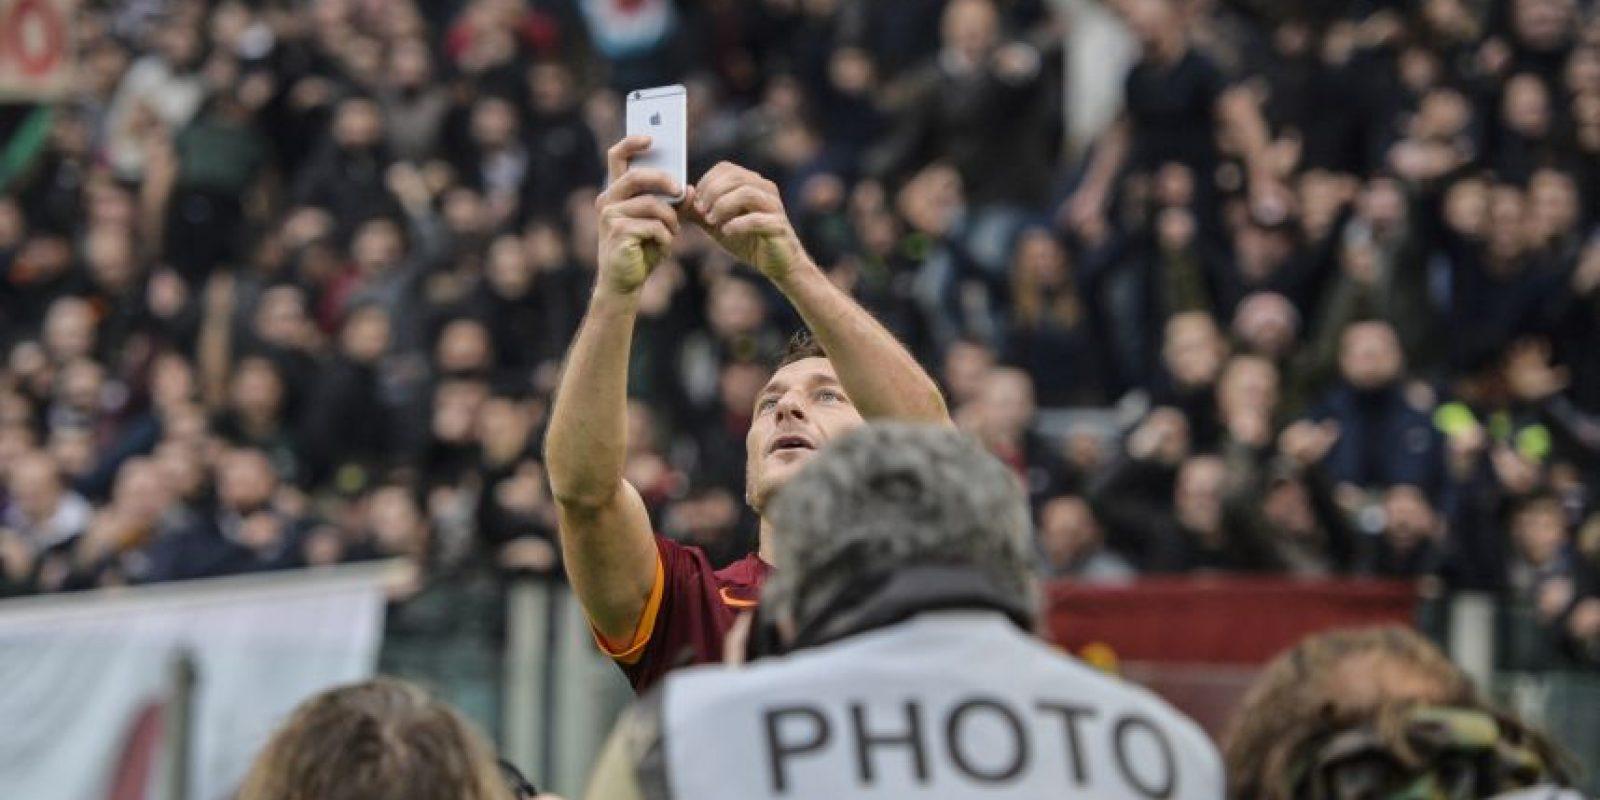 Francesco Totti fue la figura de la Roma en el clásico capitalino contra la Lazio y lo celebró tomándose una foto con un teléfono celular. Foto:AFP